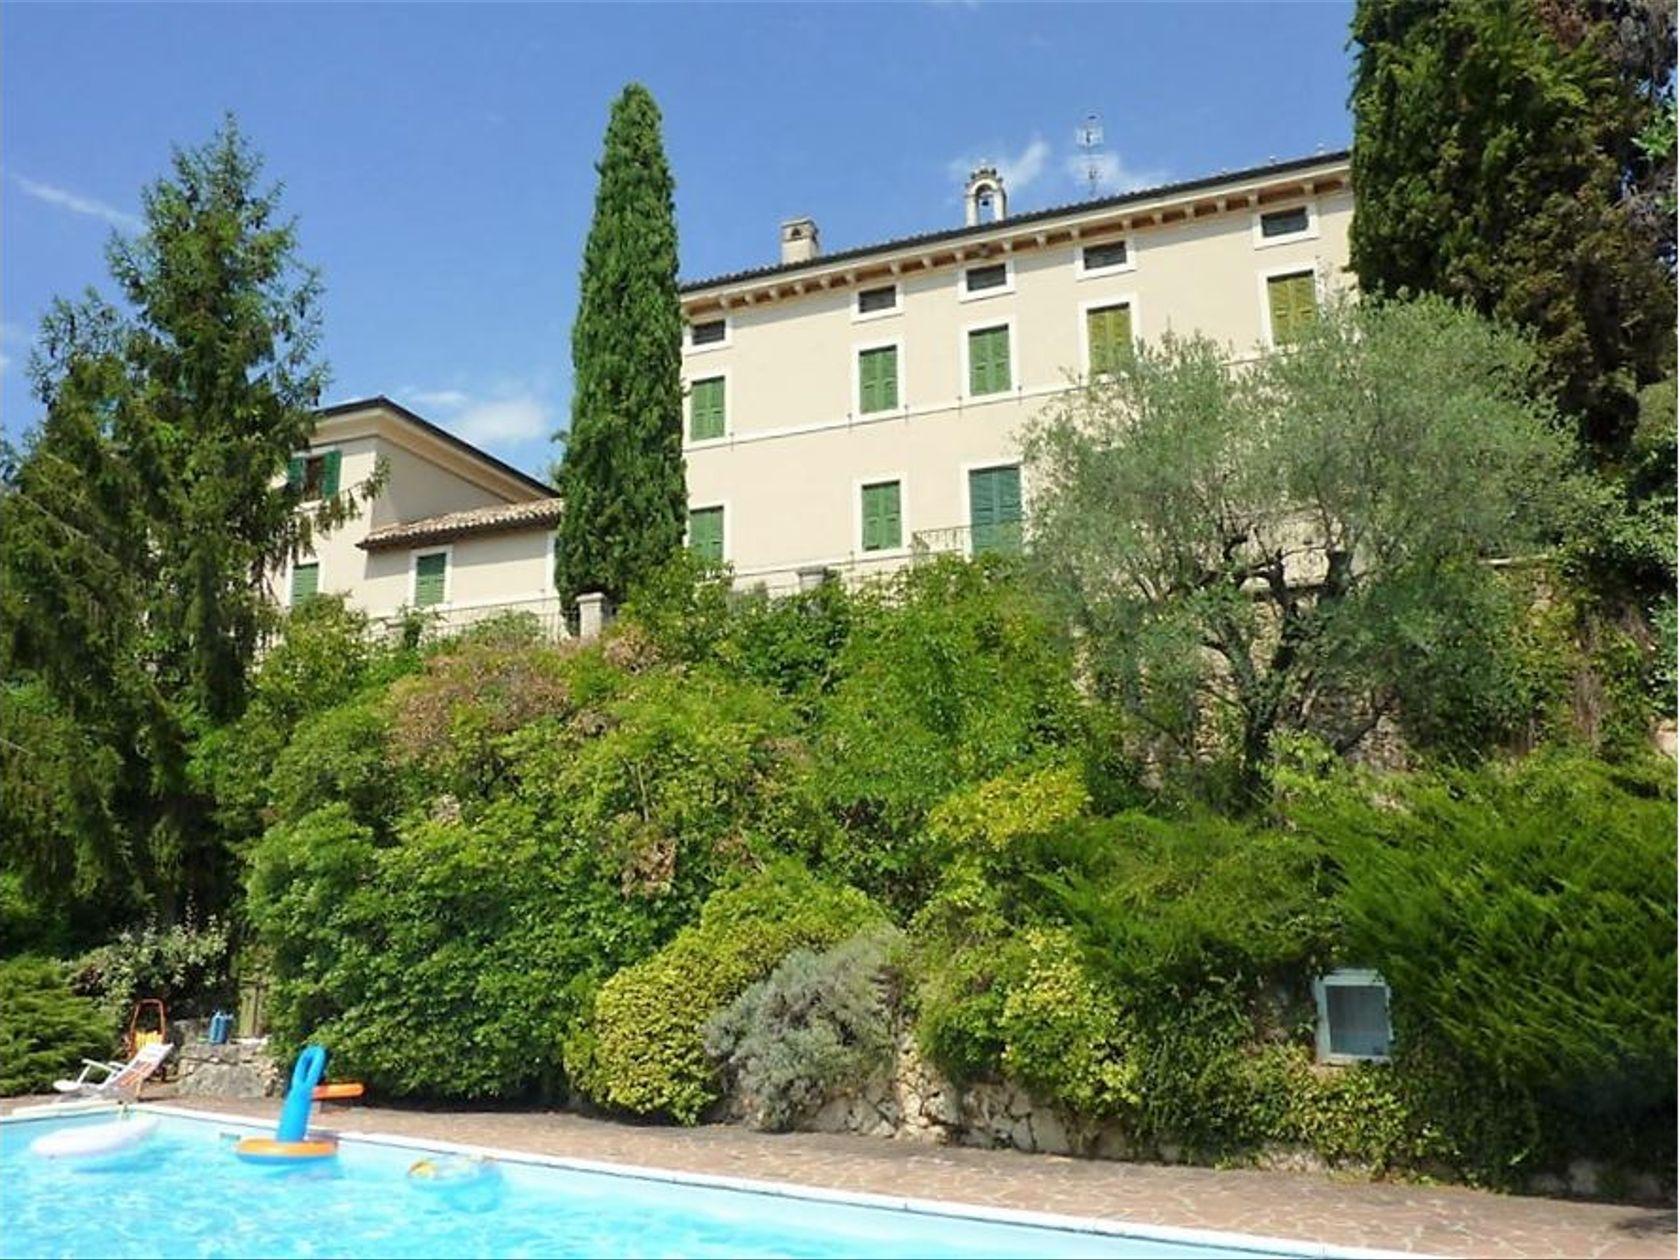 Casa Indipendente Valdonega, Verona, VR Vendita - Foto 4